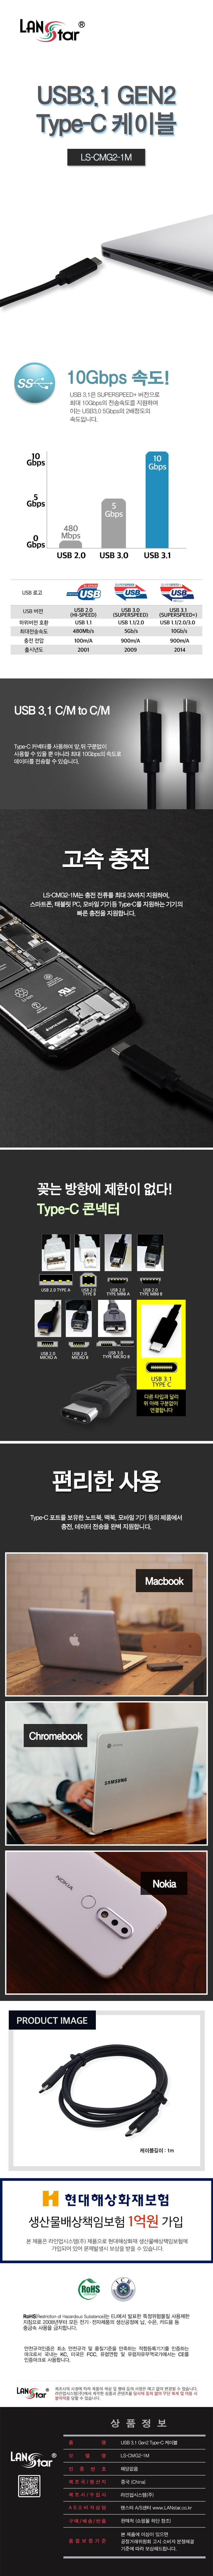 라인업시스템 LANSTAR USB 3.1 Type C to C 케이블 (1m)